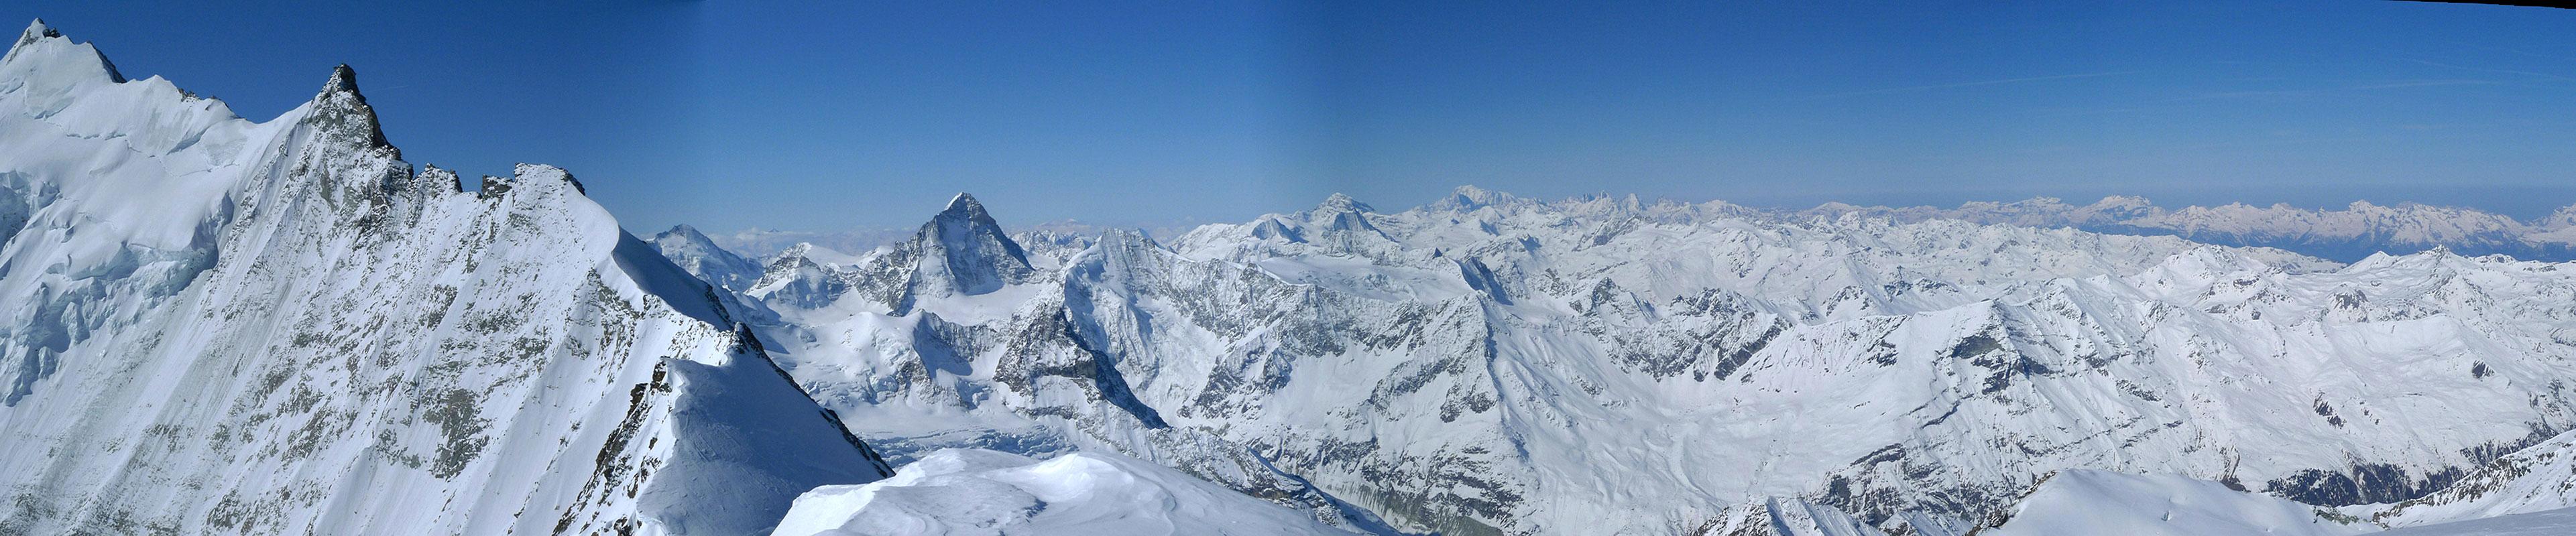 Bishorn Walliser Alpen / Alpes valaisannes Switzerland panorama 41